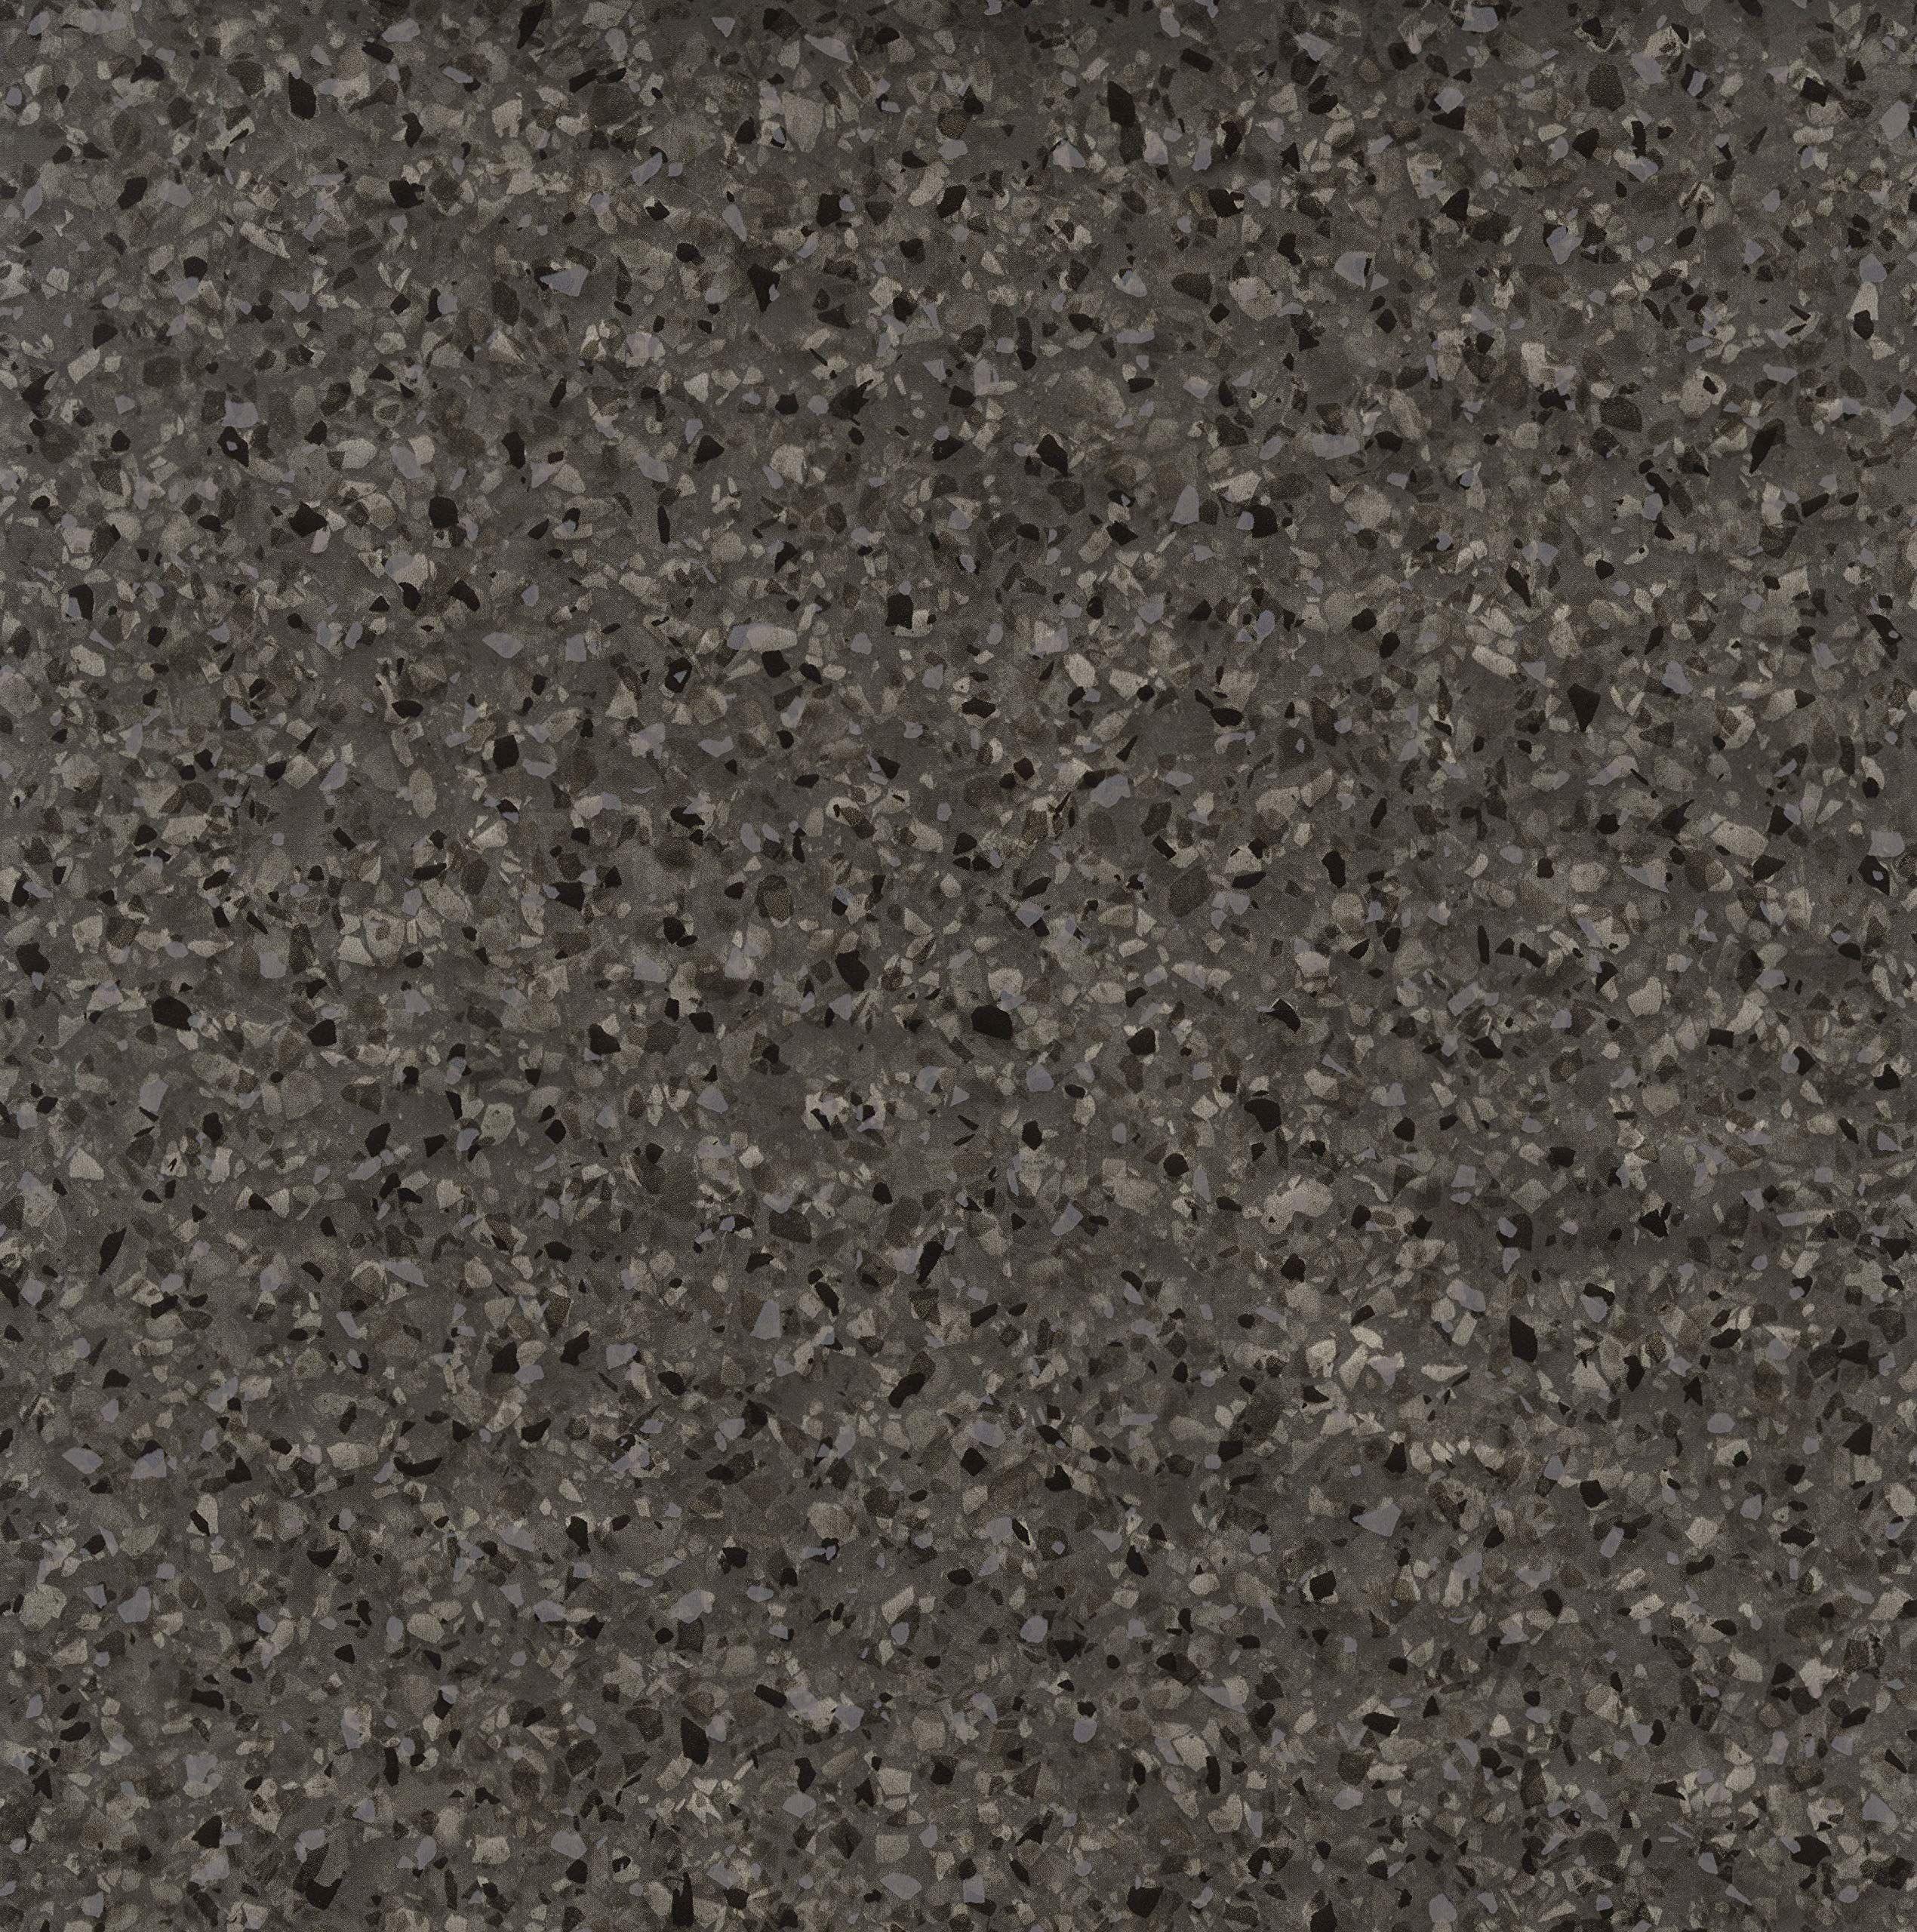 Venilia Folia samoprzylepna, optyka, folia dekoracyjna, folia do mebli, tapety, folia samoprzylepna, PCW, bez ftalanów, 67,5 cm x 1,5 m, grubość 0,095 mm, 54864, granit antracyt, 67,5 cm x 1,5 m